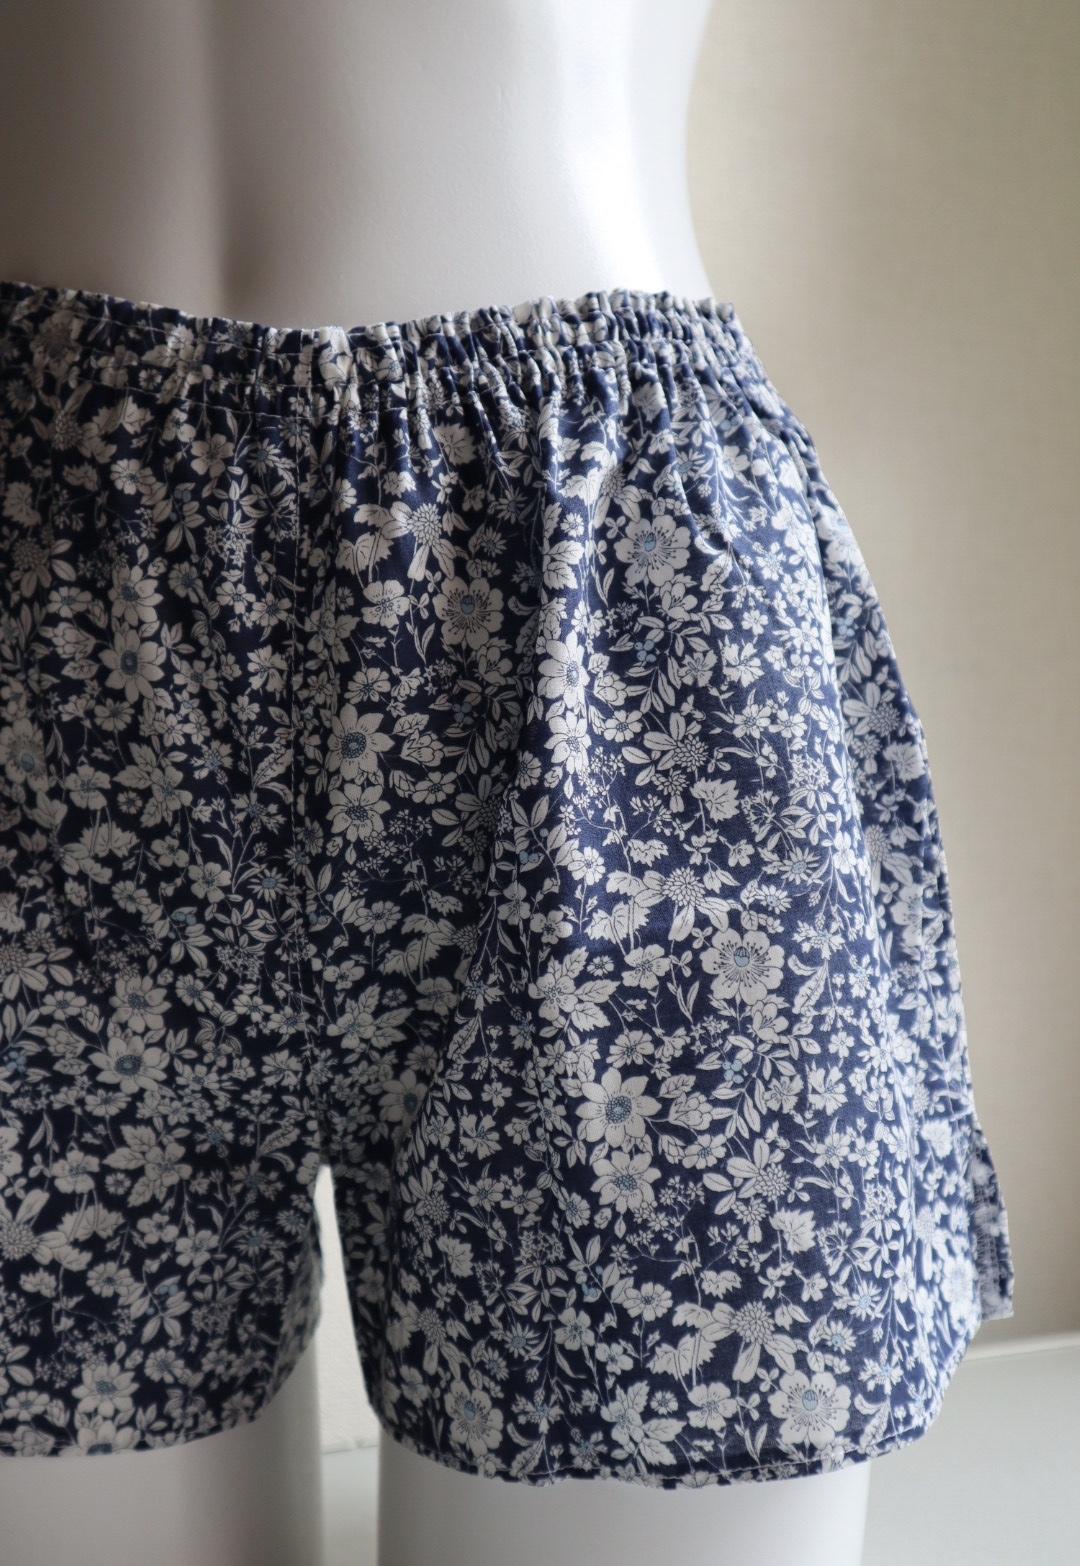 ショートパンツも天女の羽衣のように、軽い履き心地だったら良いな